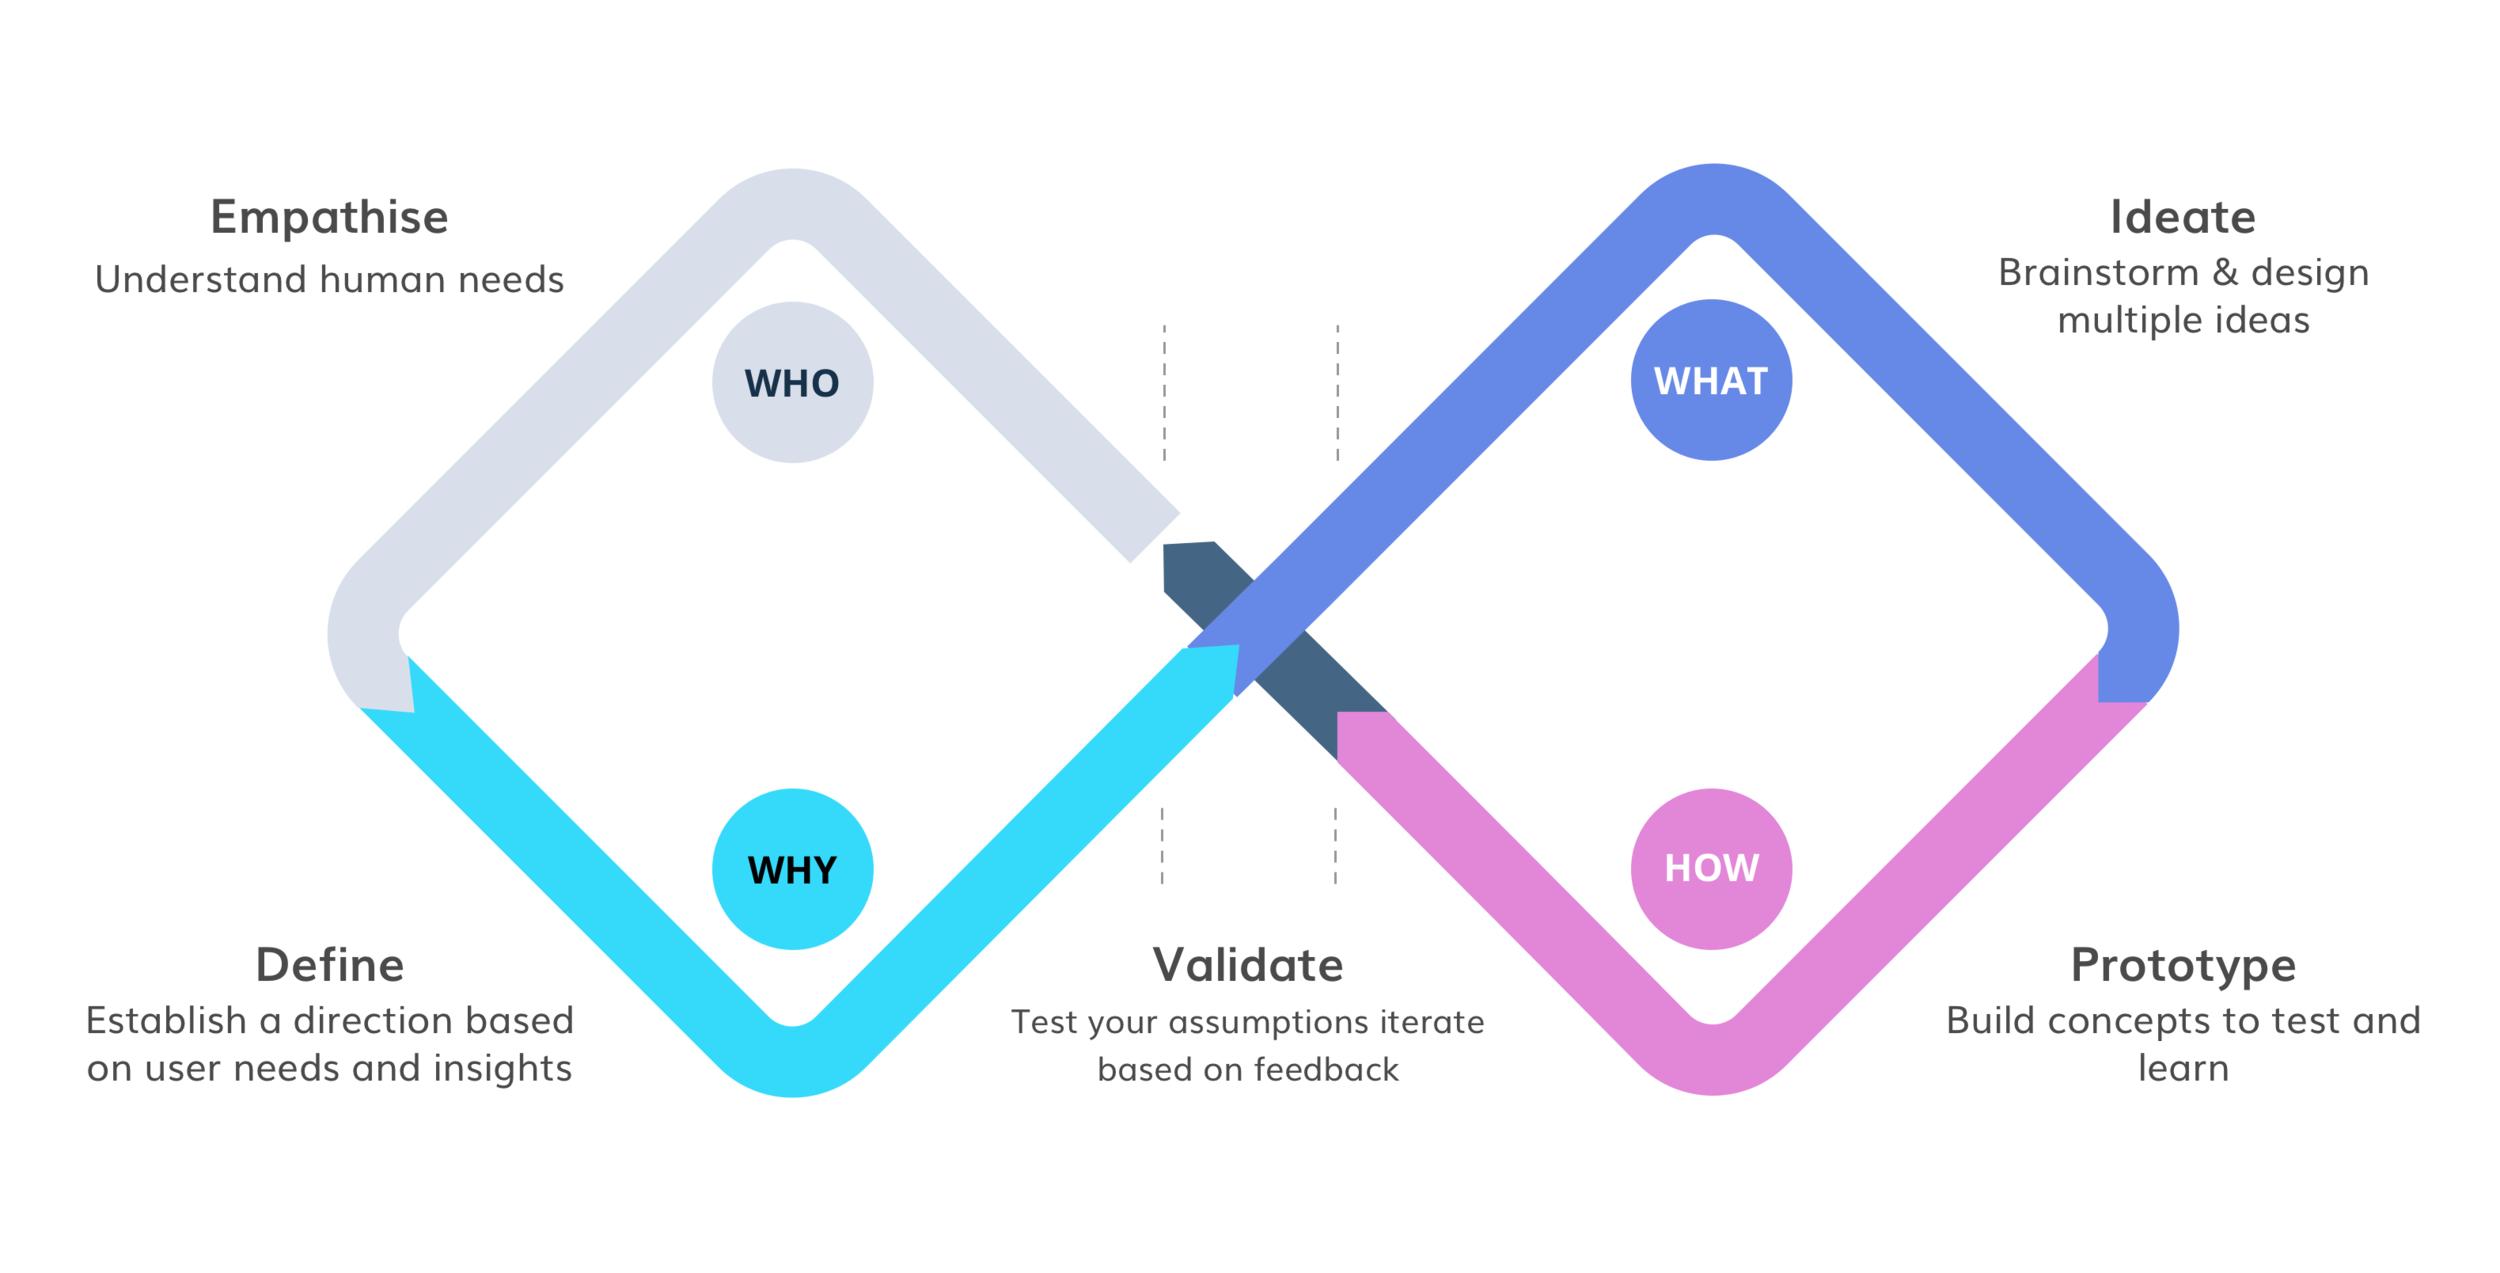 DesignProcess-diagram@3x.png